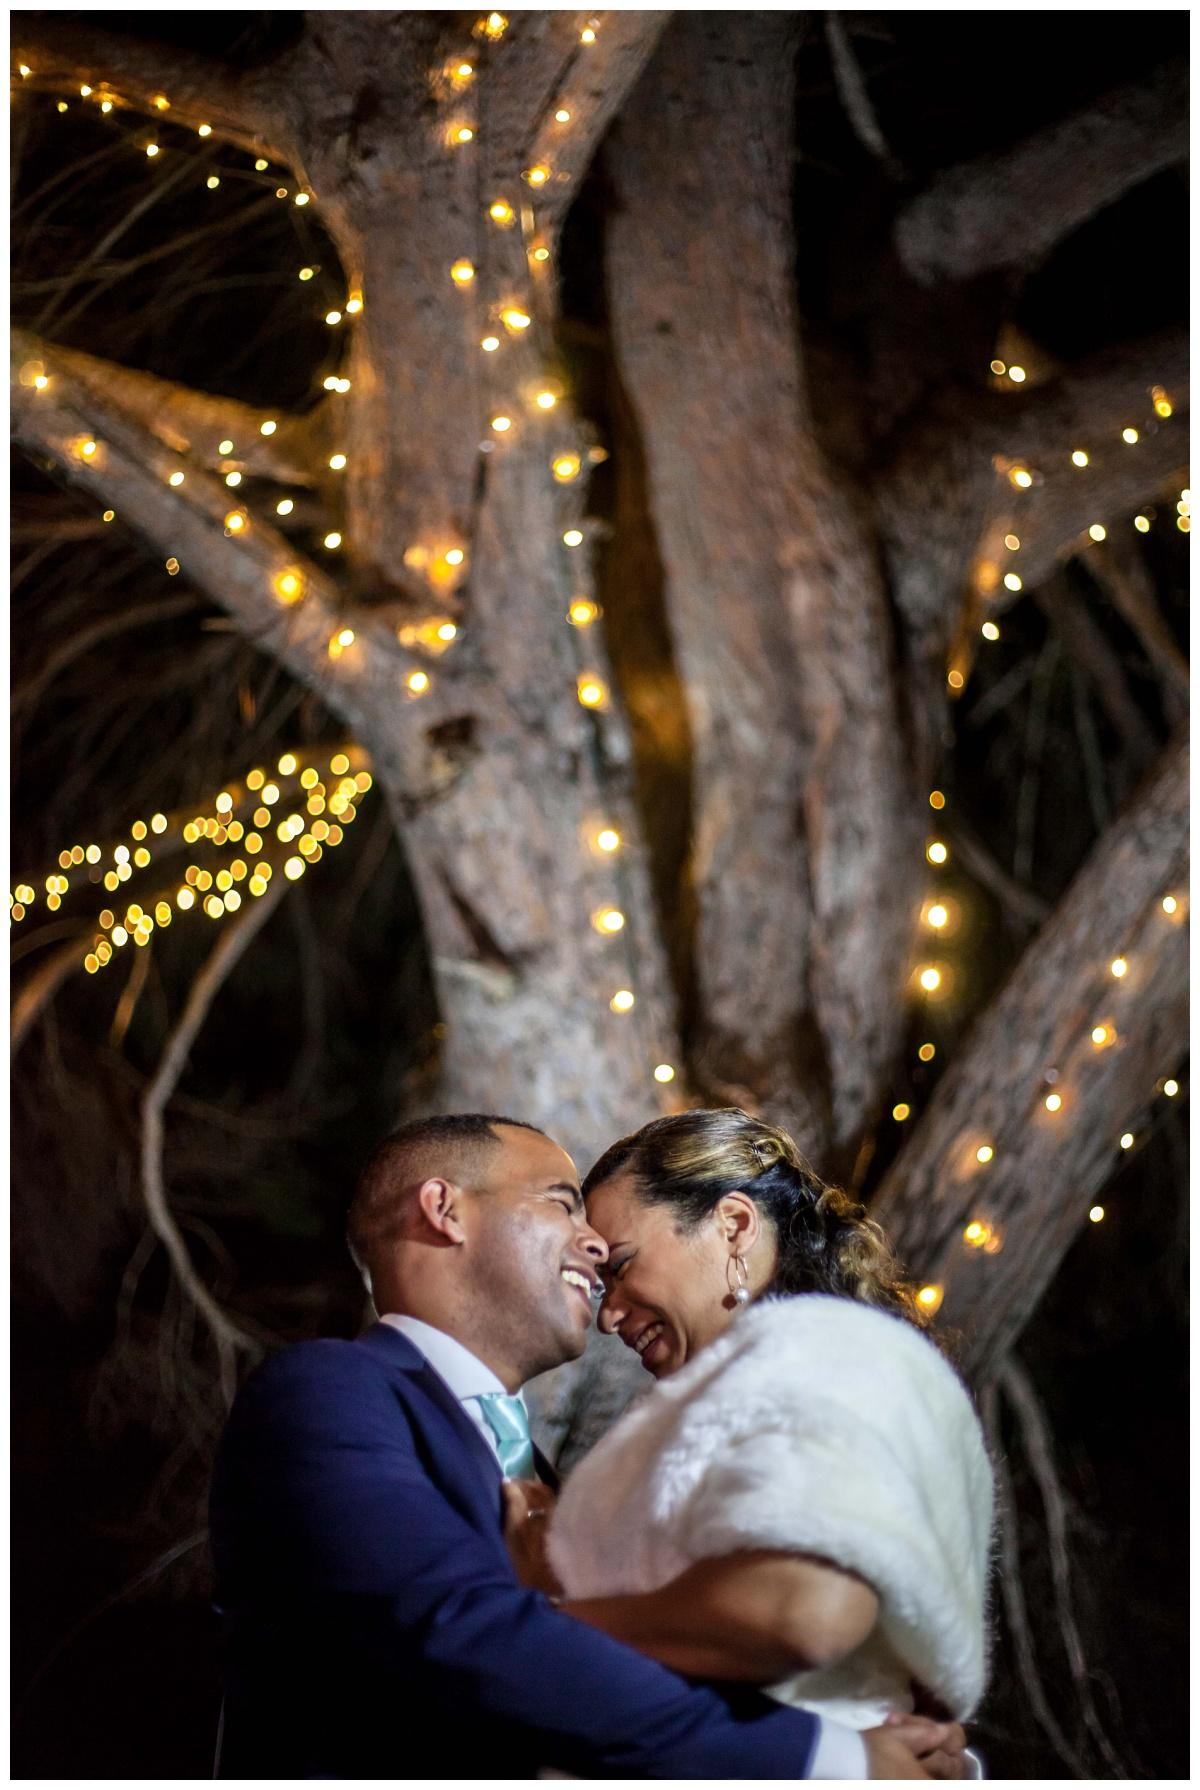 BRIDGET & JONATHAN WEDDING | GROENVLEI GUEST FARM